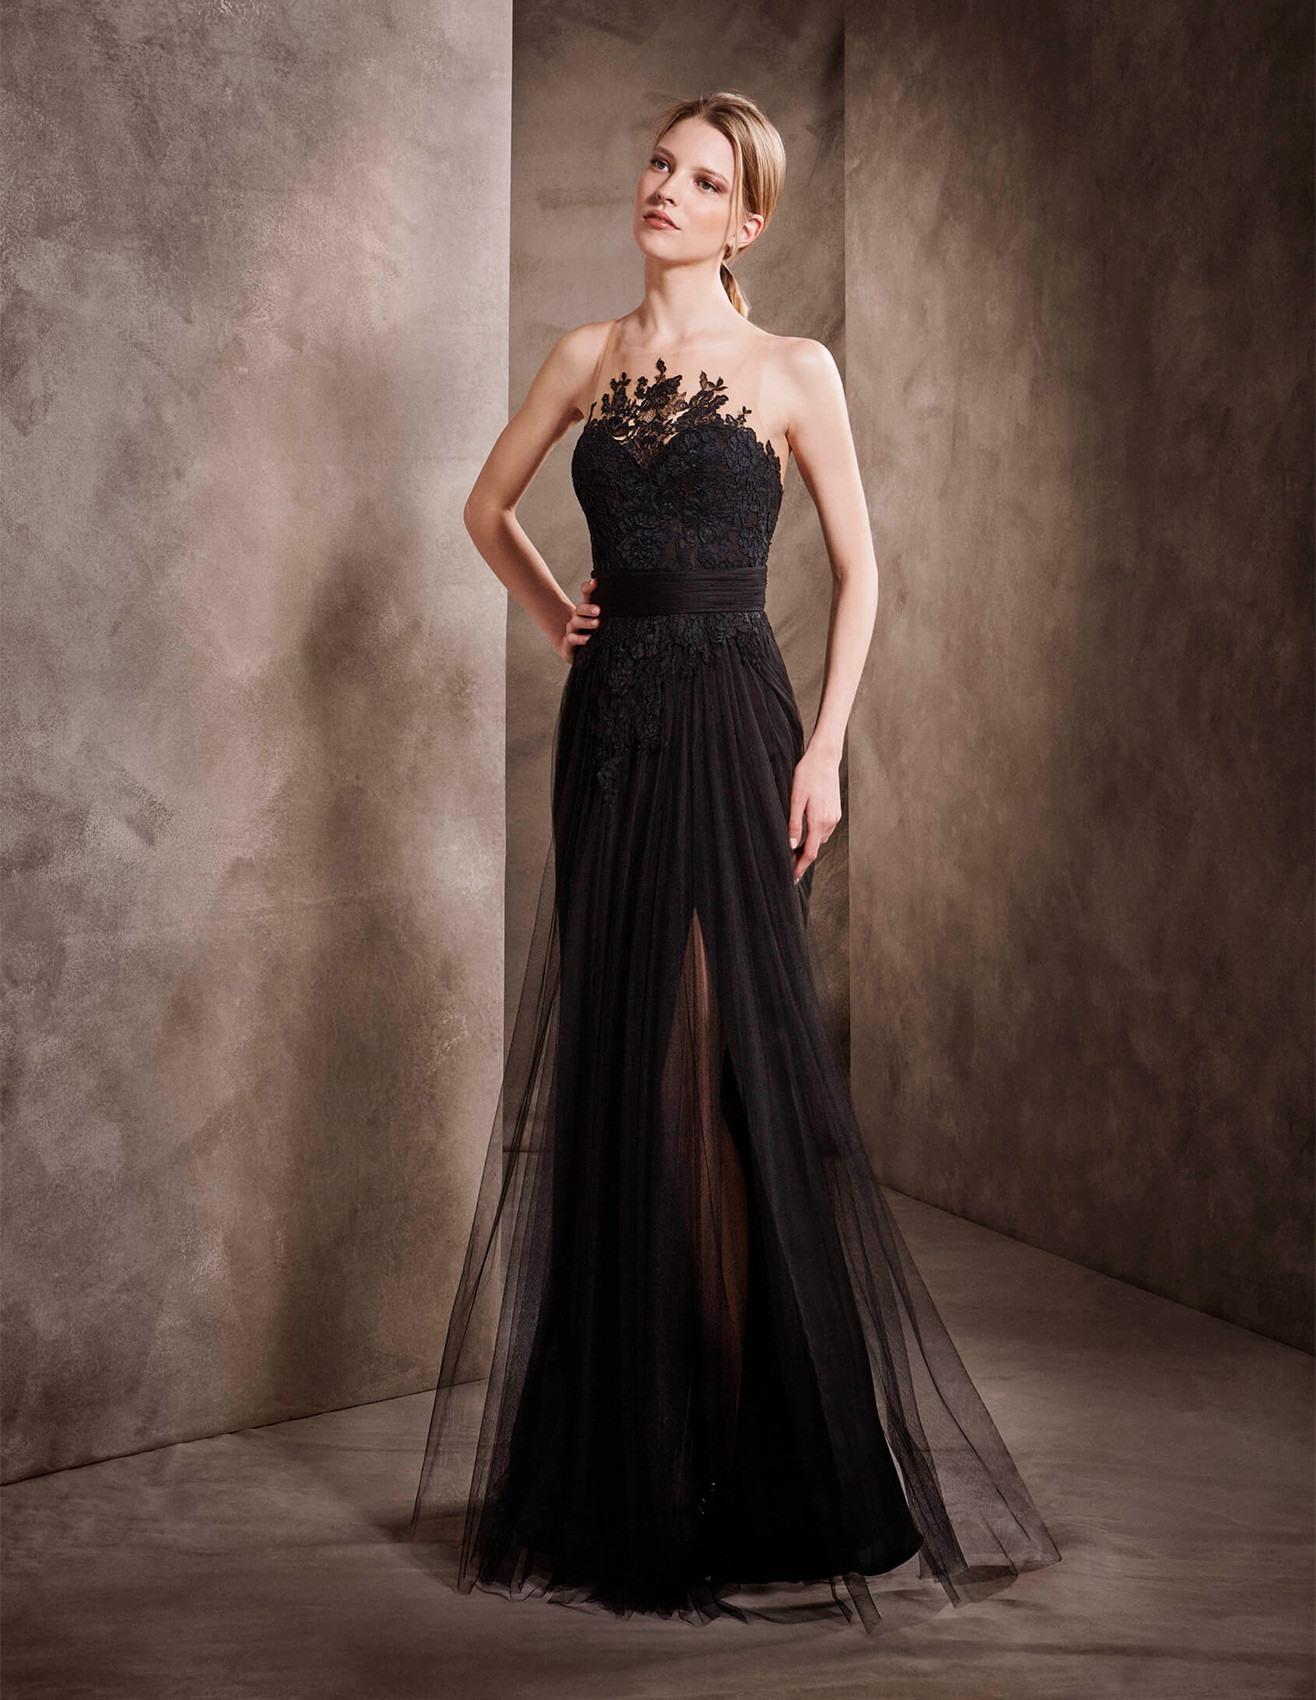 10 Cool K Abendkleid VertriebFormal Spektakulär K Abendkleid Vertrieb